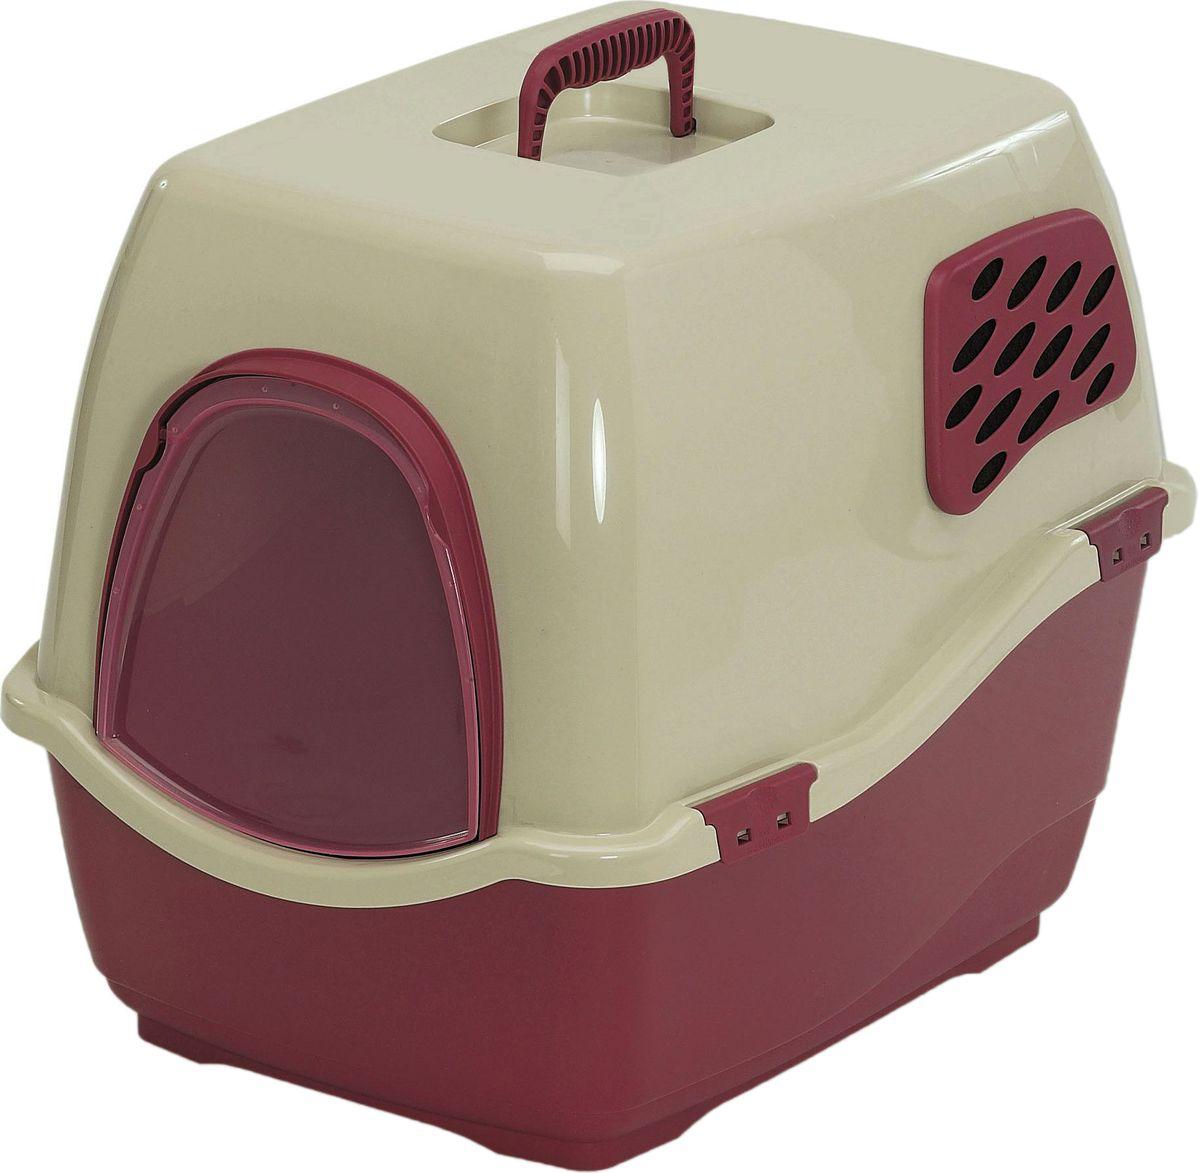 Био-туалет для животных Marchioro Bill 1F, цвет: коричневый, бежевый, 50 х 40 х 42 см1065102200824Био-туалет для животных Marchioro Bill 1F - закрытый туалет с угольным фильтром препятствует распространению неприятных запахов.Подвижная передняя створка позволяет животному самостоятельно пользоваться туалетом.В комплект также входит фильтр, дверка и ручка. Фильтр необходимо менять каждые 3 - 6 месяцев. Размер: 50 х 40 х 42 см.